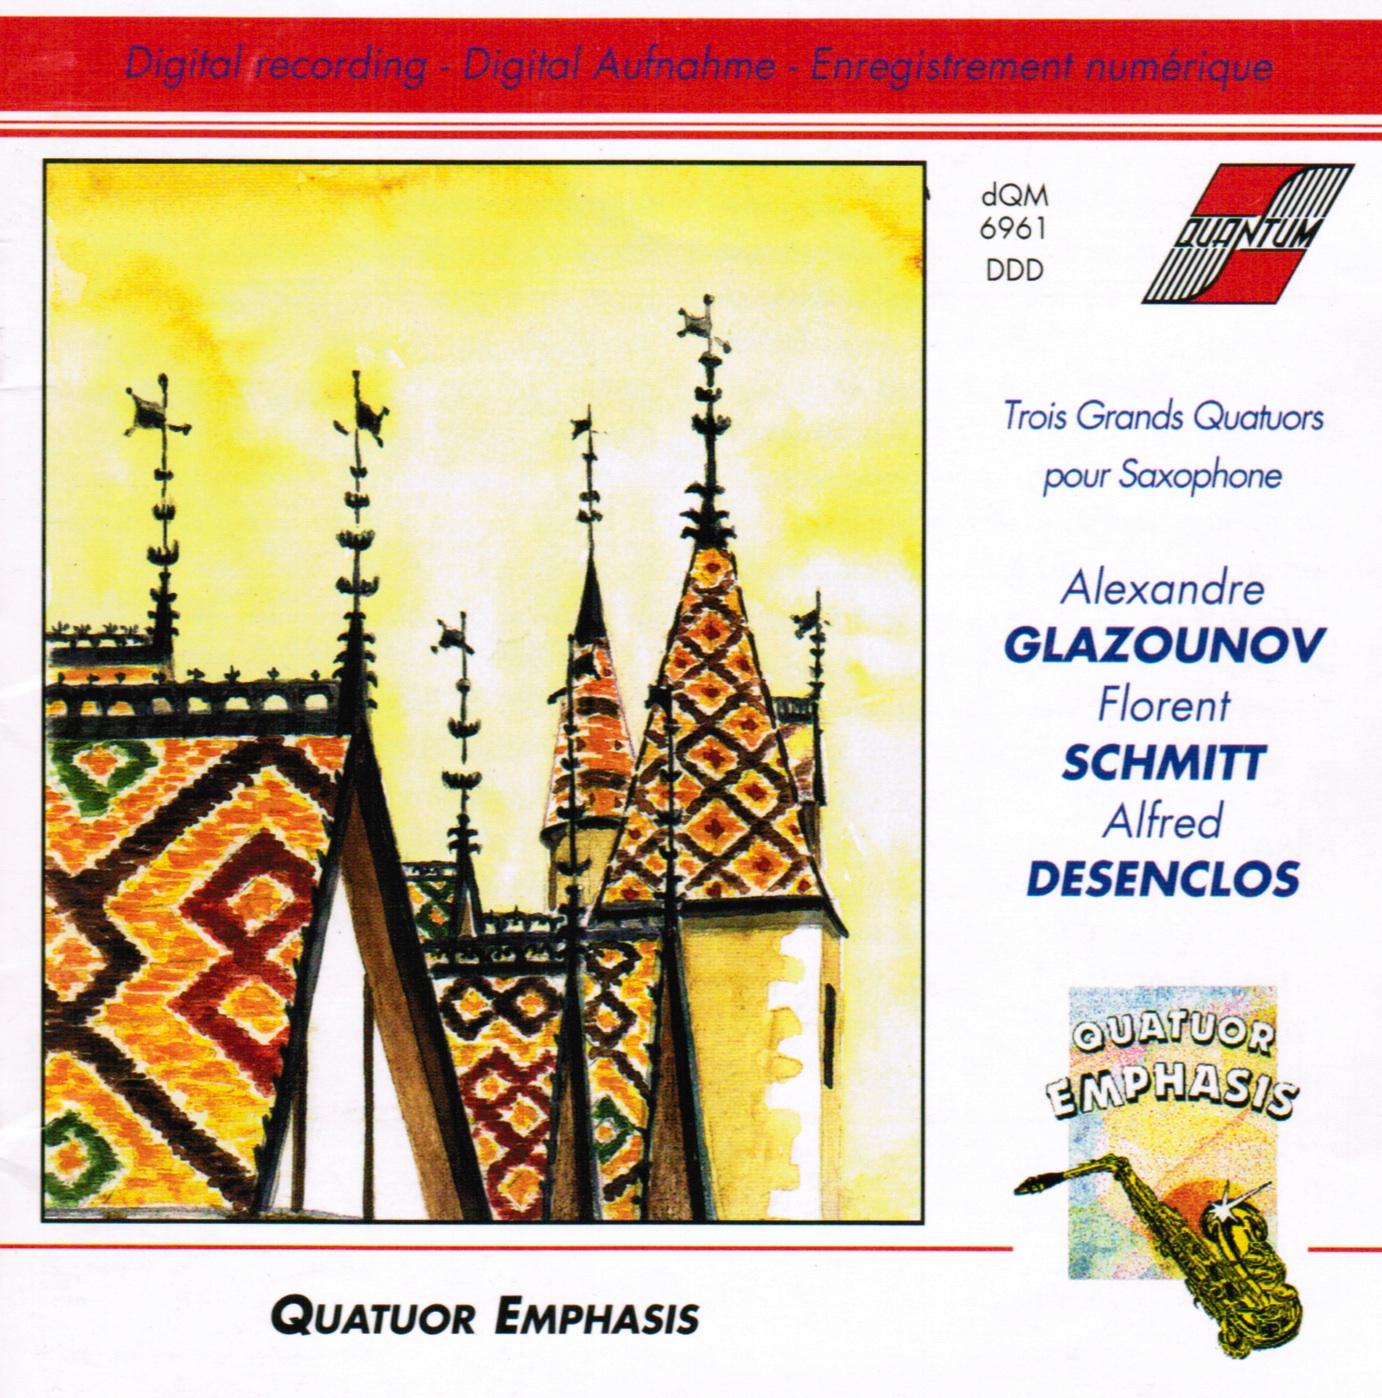 QUATUOR EMPHASIS - 1994